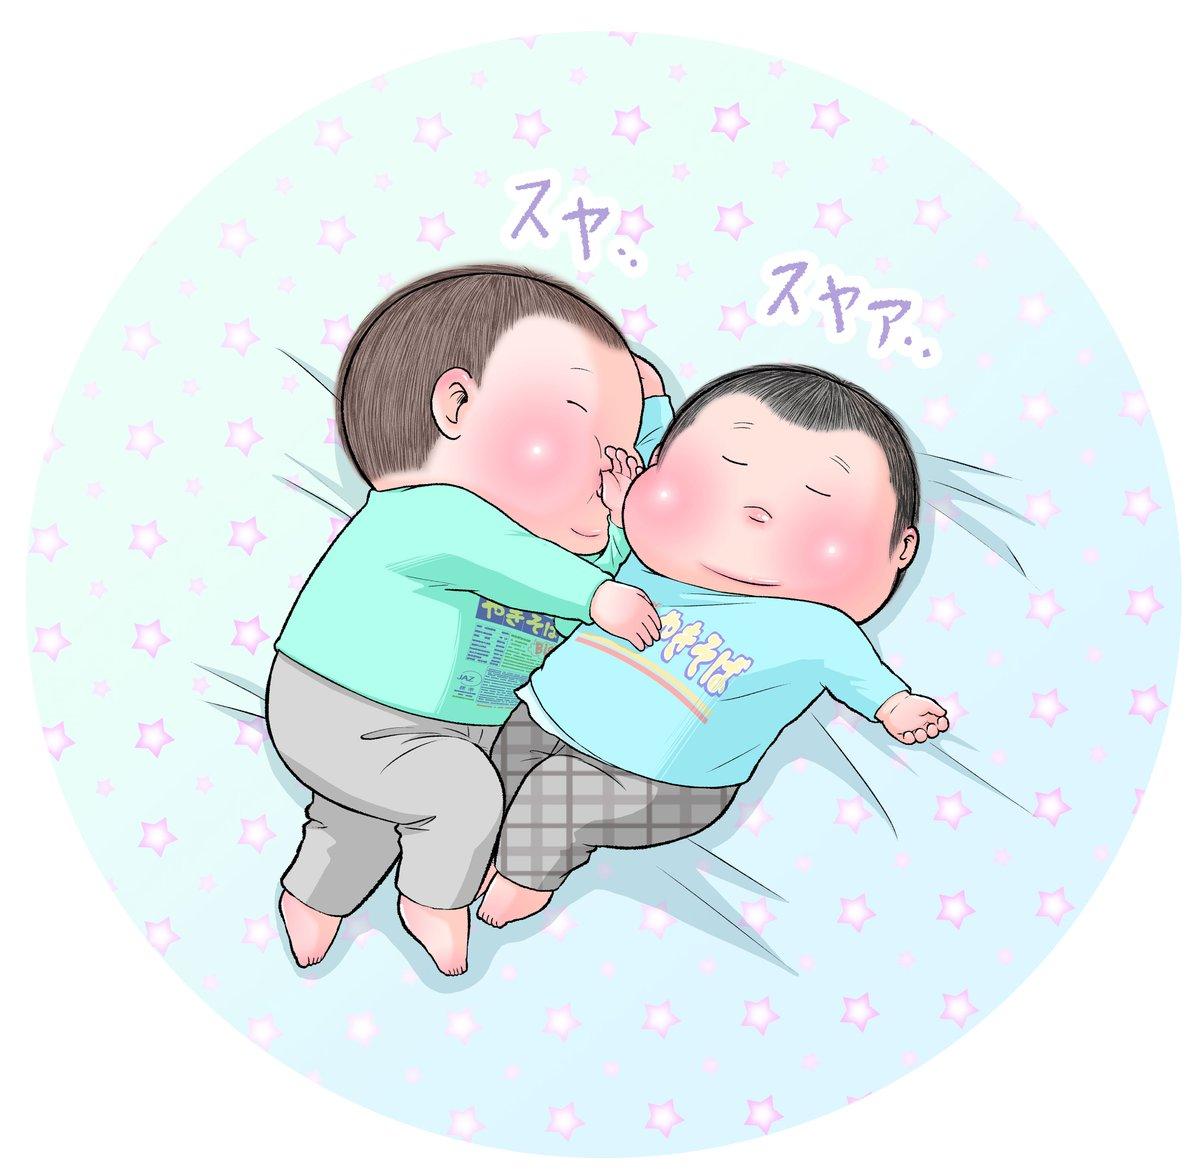 お昼寝時こうなってた(ぷにお:2歳6ヵ月 ぷにすけ:1歳2ヵ月)。#育児絵日記